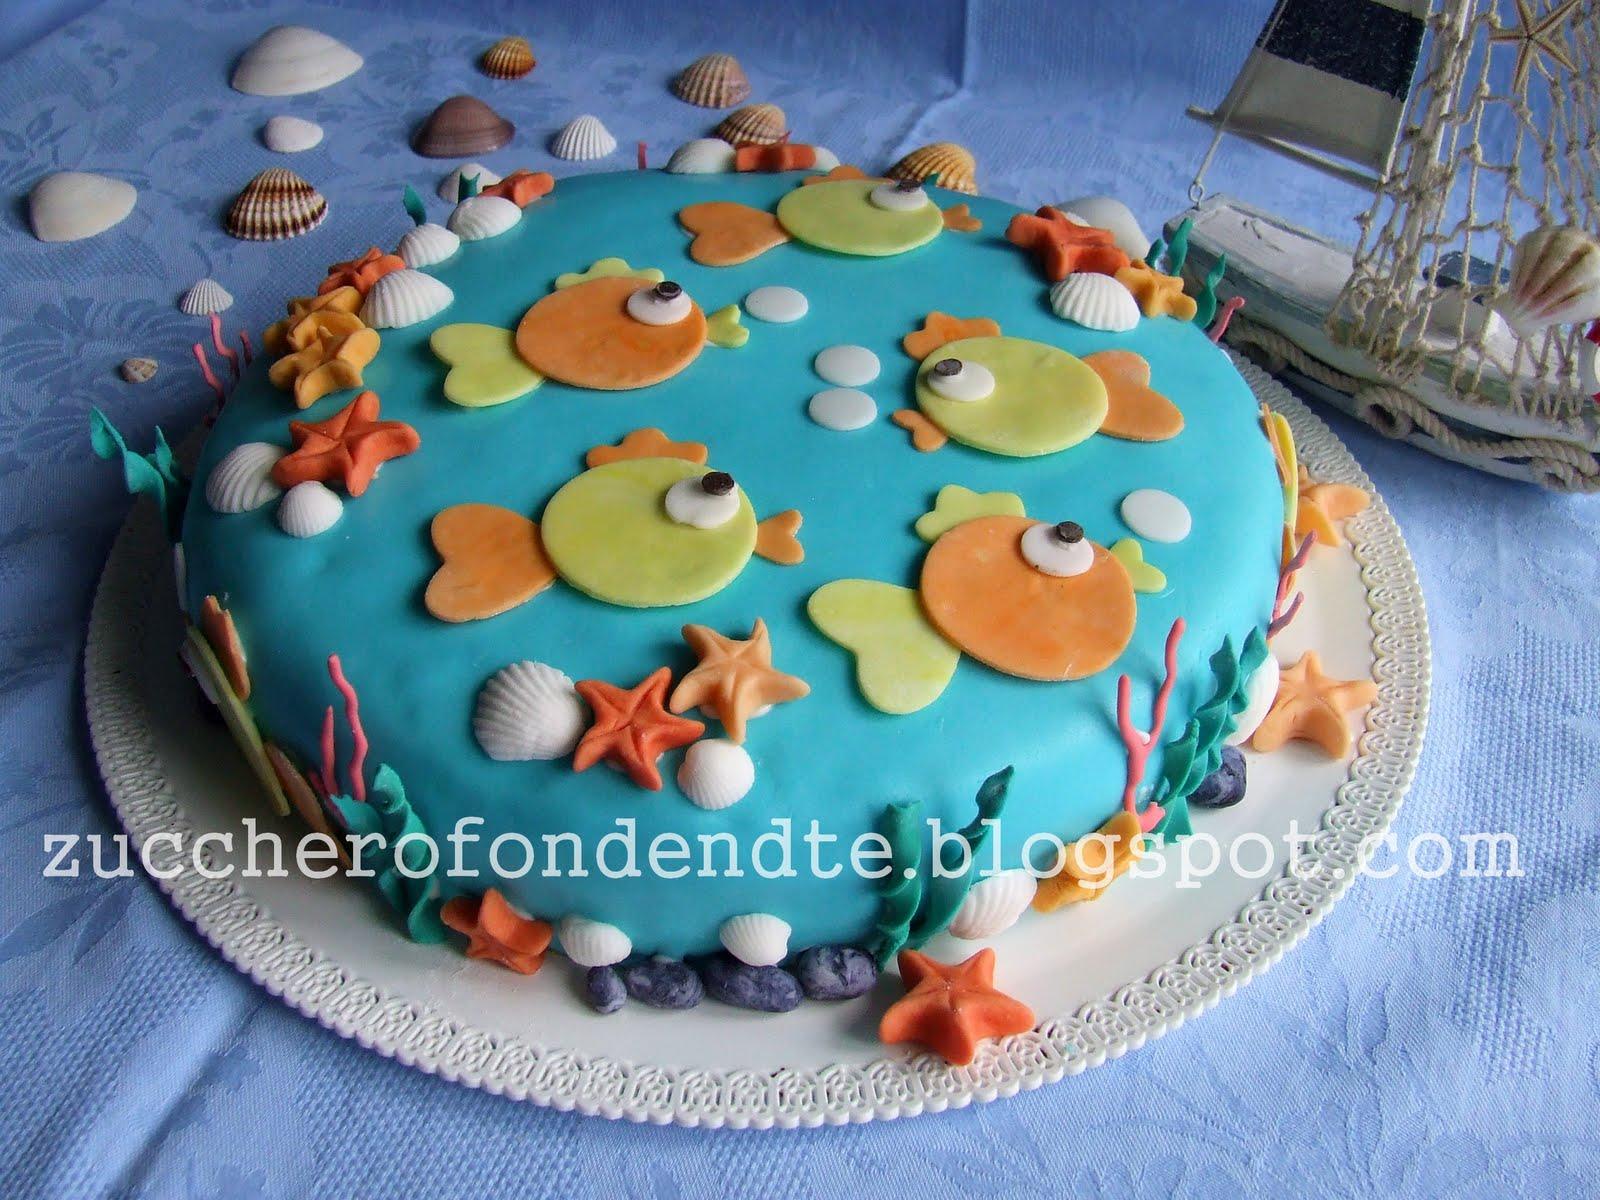 Zuccherofondente decorazioni marine for Decorazioni torte tema mare